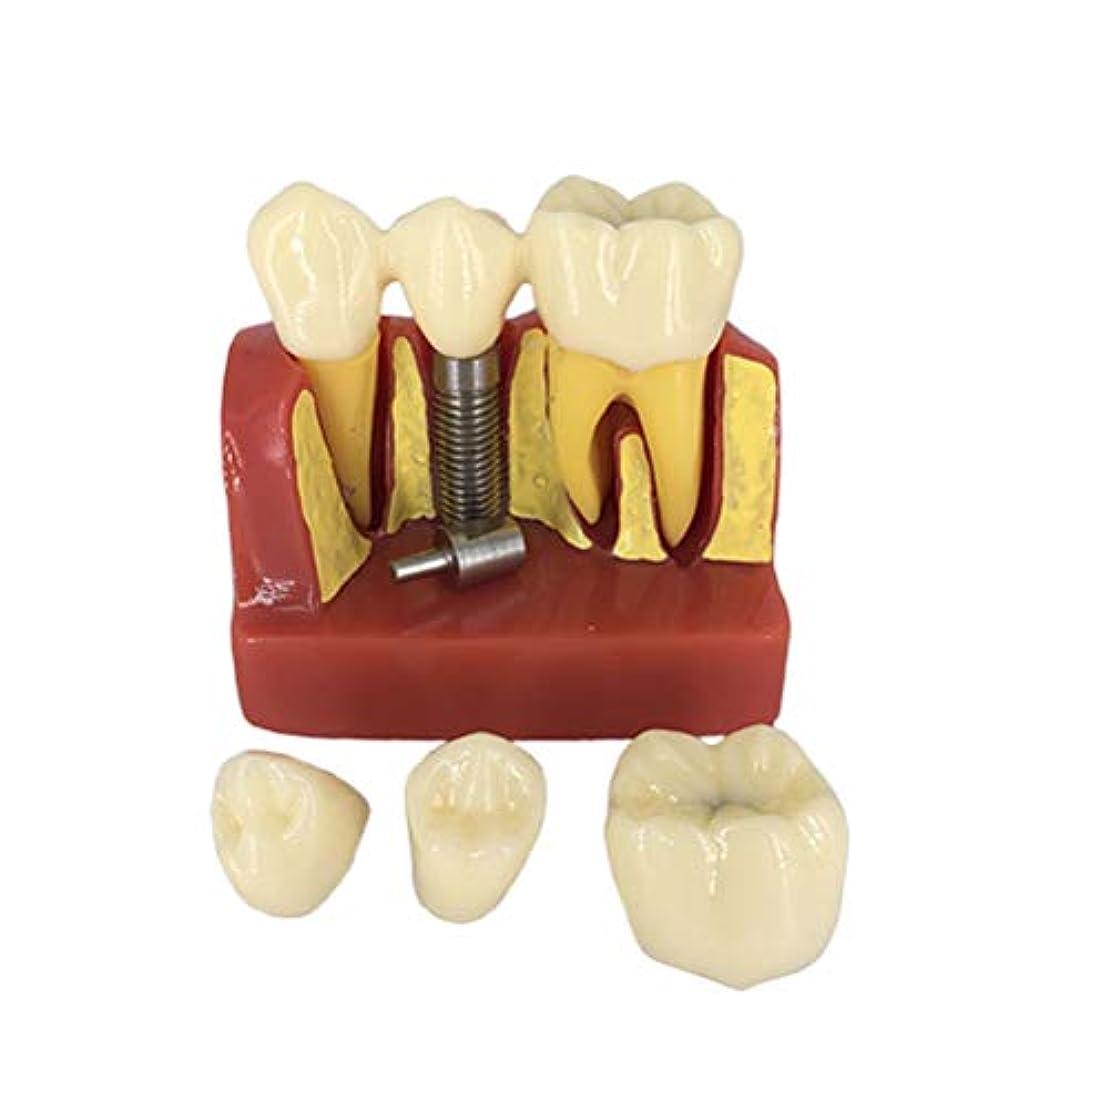 タンクブランドサラミHEALIFTY デンタルデモンストレーション歯モデルデンタルモードを教える標準的な研究